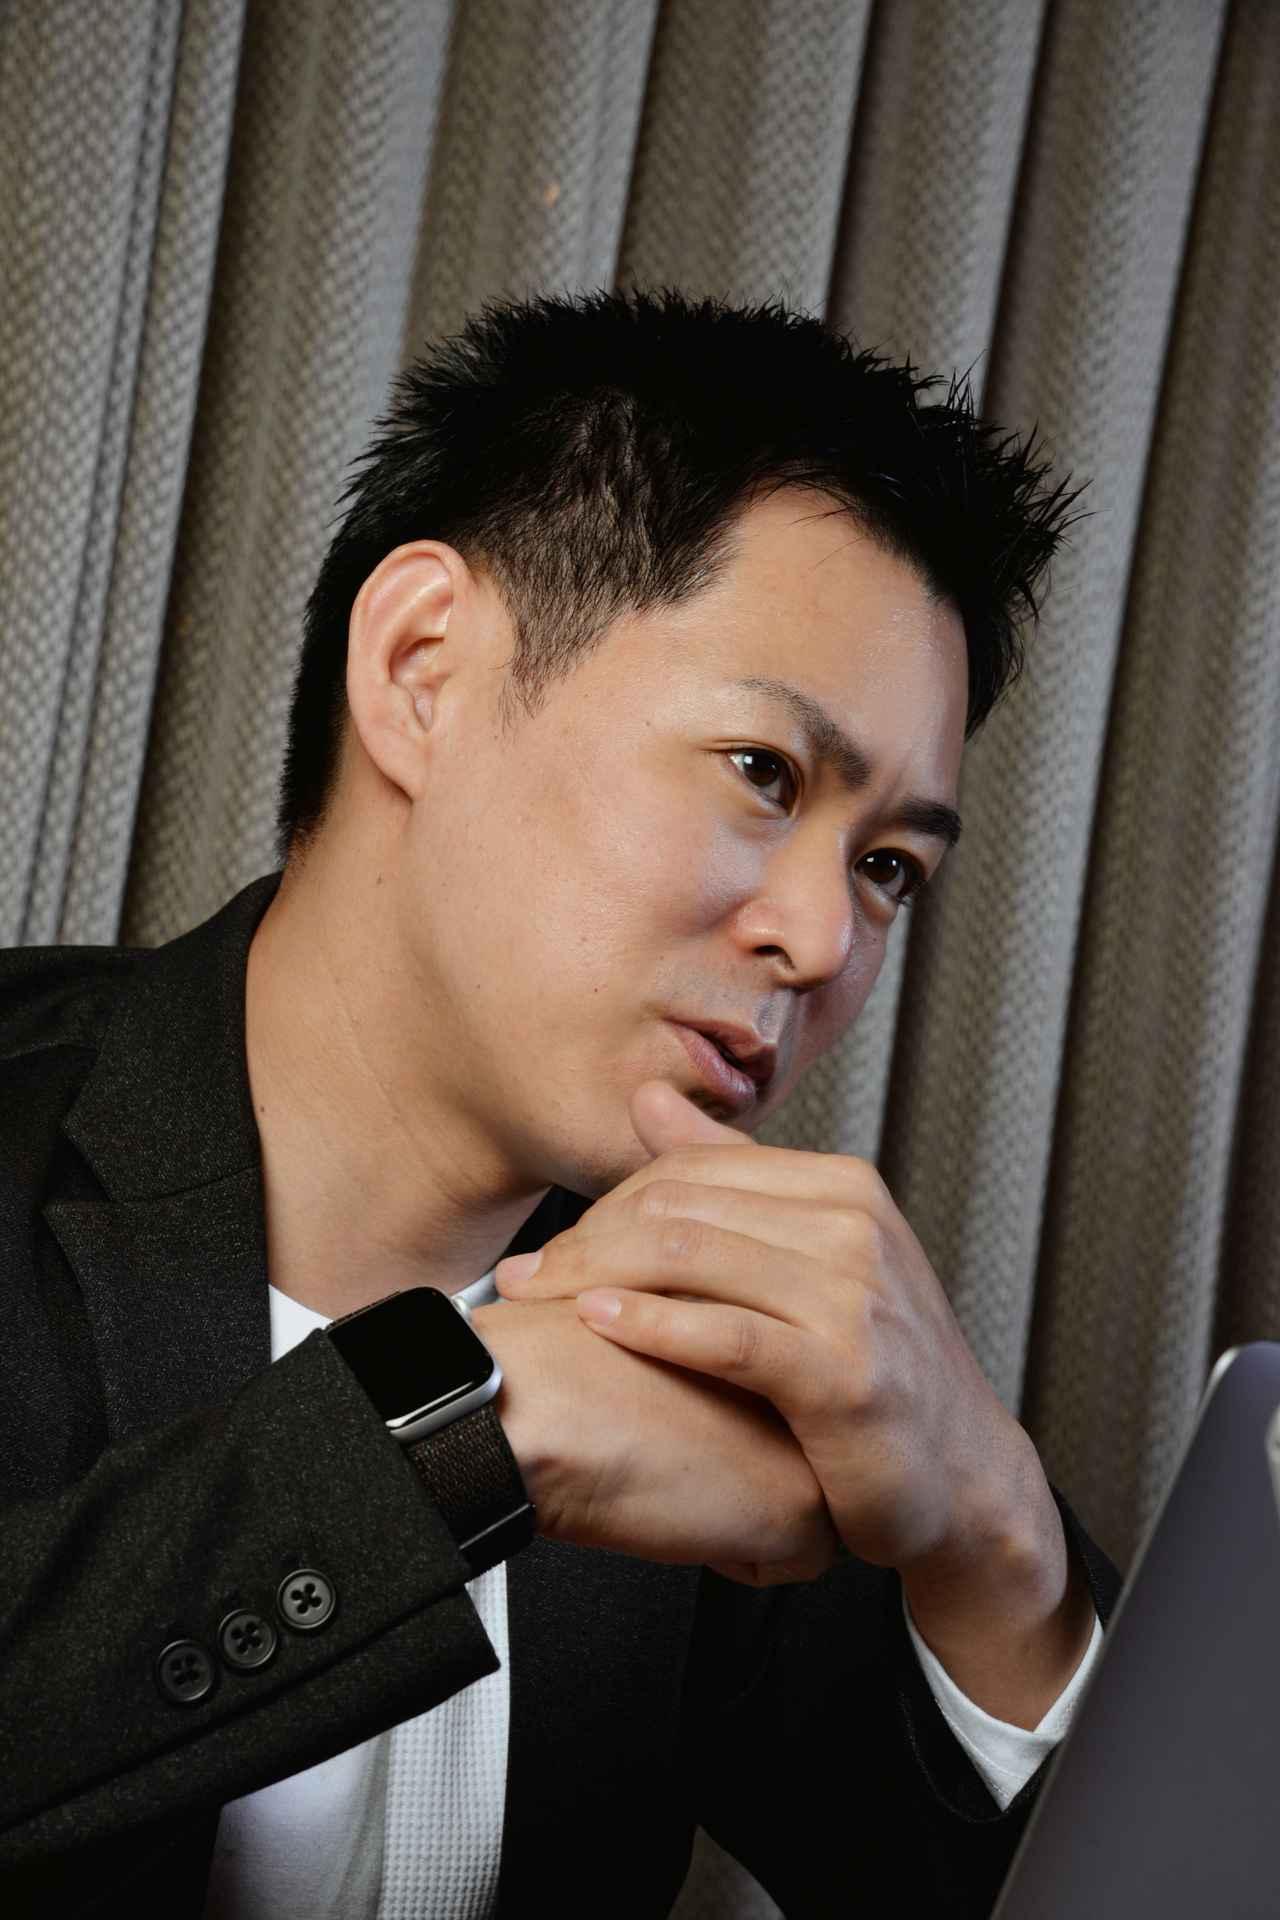 画像: 井黒 卓(いぐろ たく) レストラン「ロオジエ」ソムリエ。2020年「第9回全日本最優秀ソムリエコンクール」(日本ソムリエ協会主催)優勝。21年に行われる「アジア・オセアニア最優秀ソムリエコンクール」(国際ソムリエ協会主催)で日本代表を務める